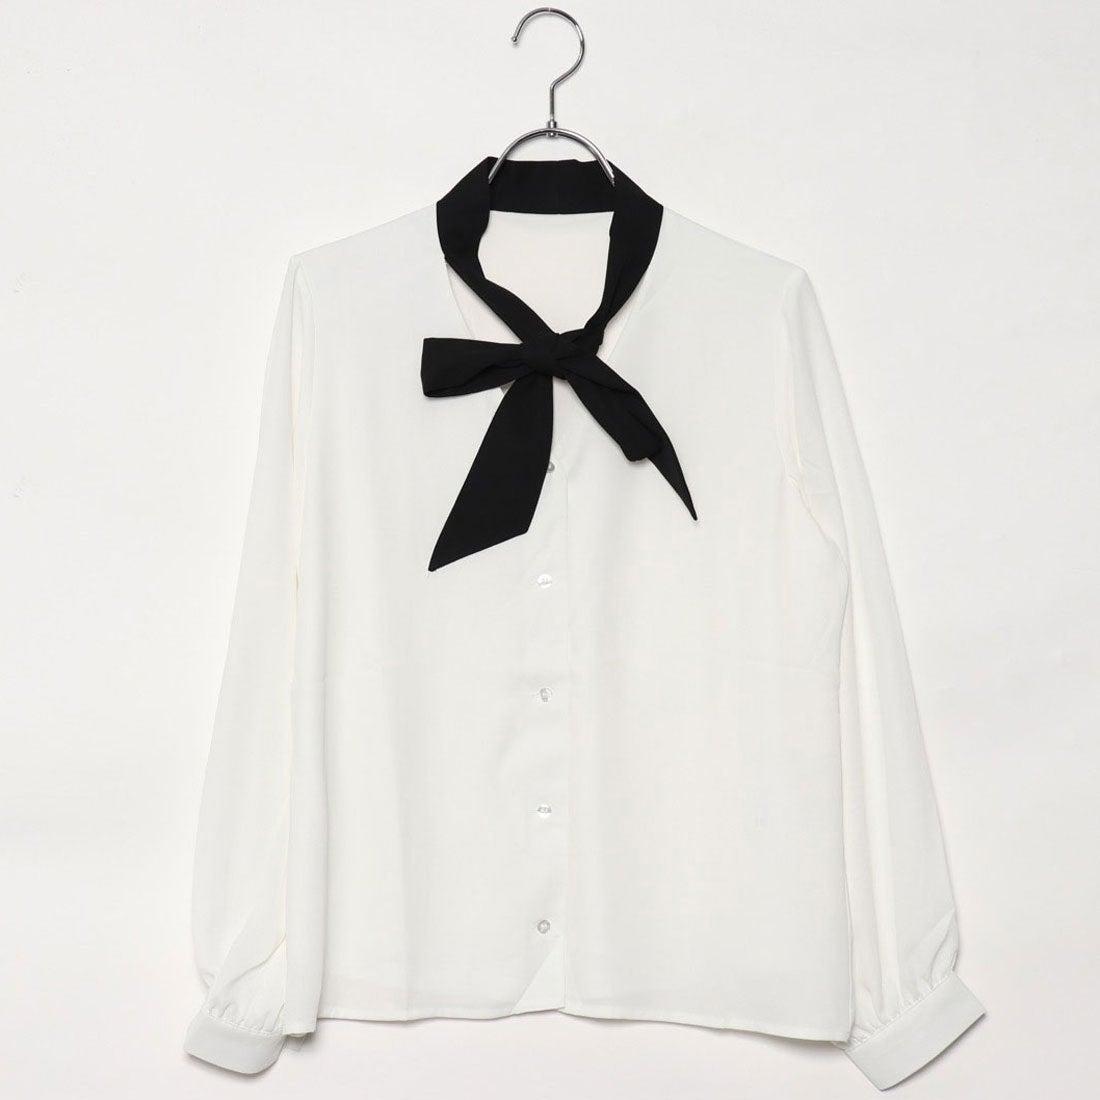 ロコンド 靴とファッションの通販サイトリネーム Rename デニムチュニックシャツ (ブルーケイ)